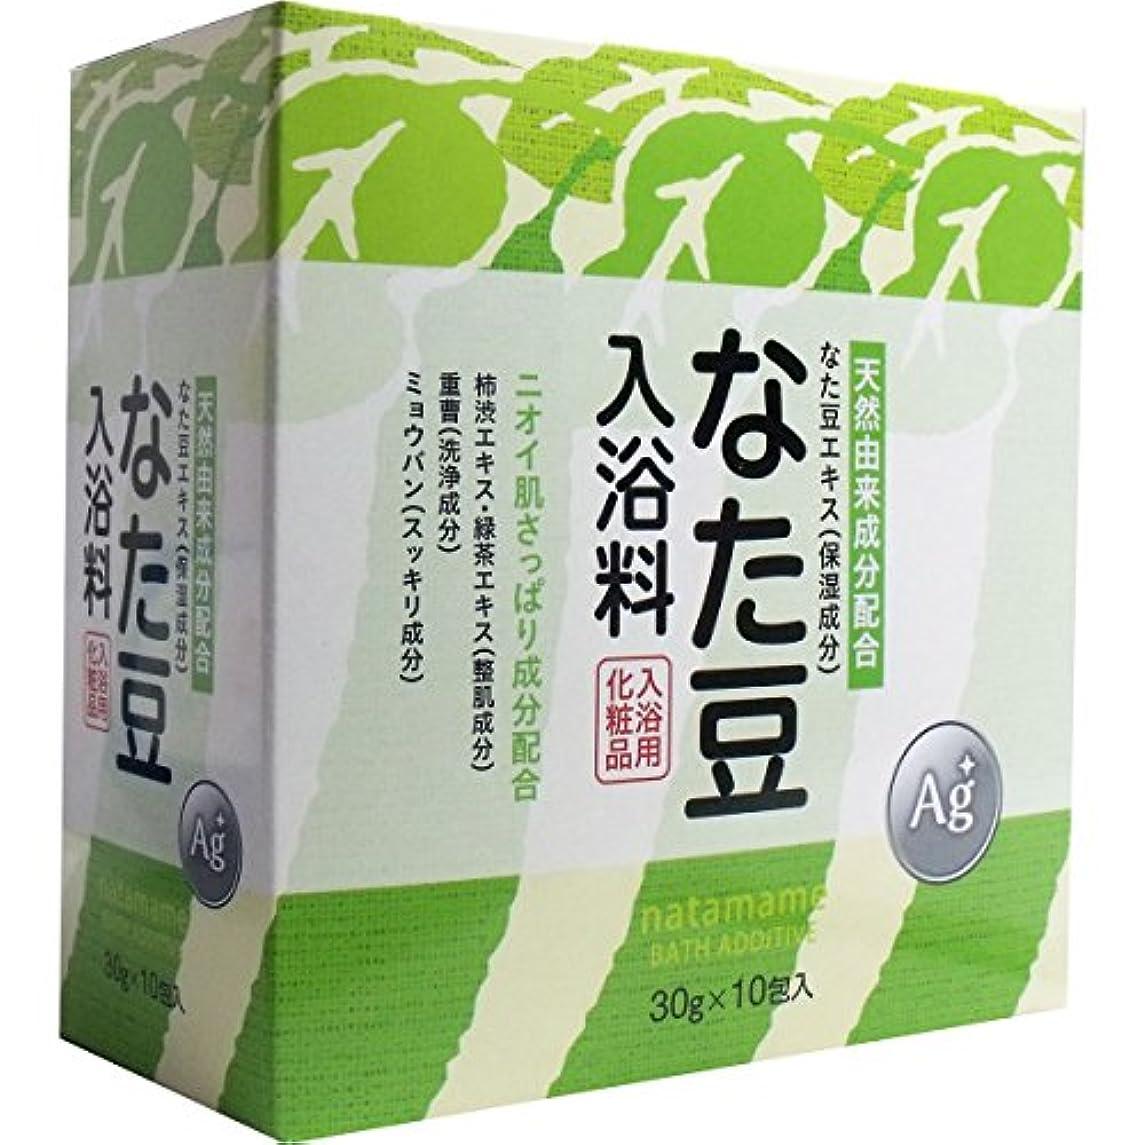 会計共同選択グリースなた豆入浴料 入浴用化粧品 30g×10包入×7